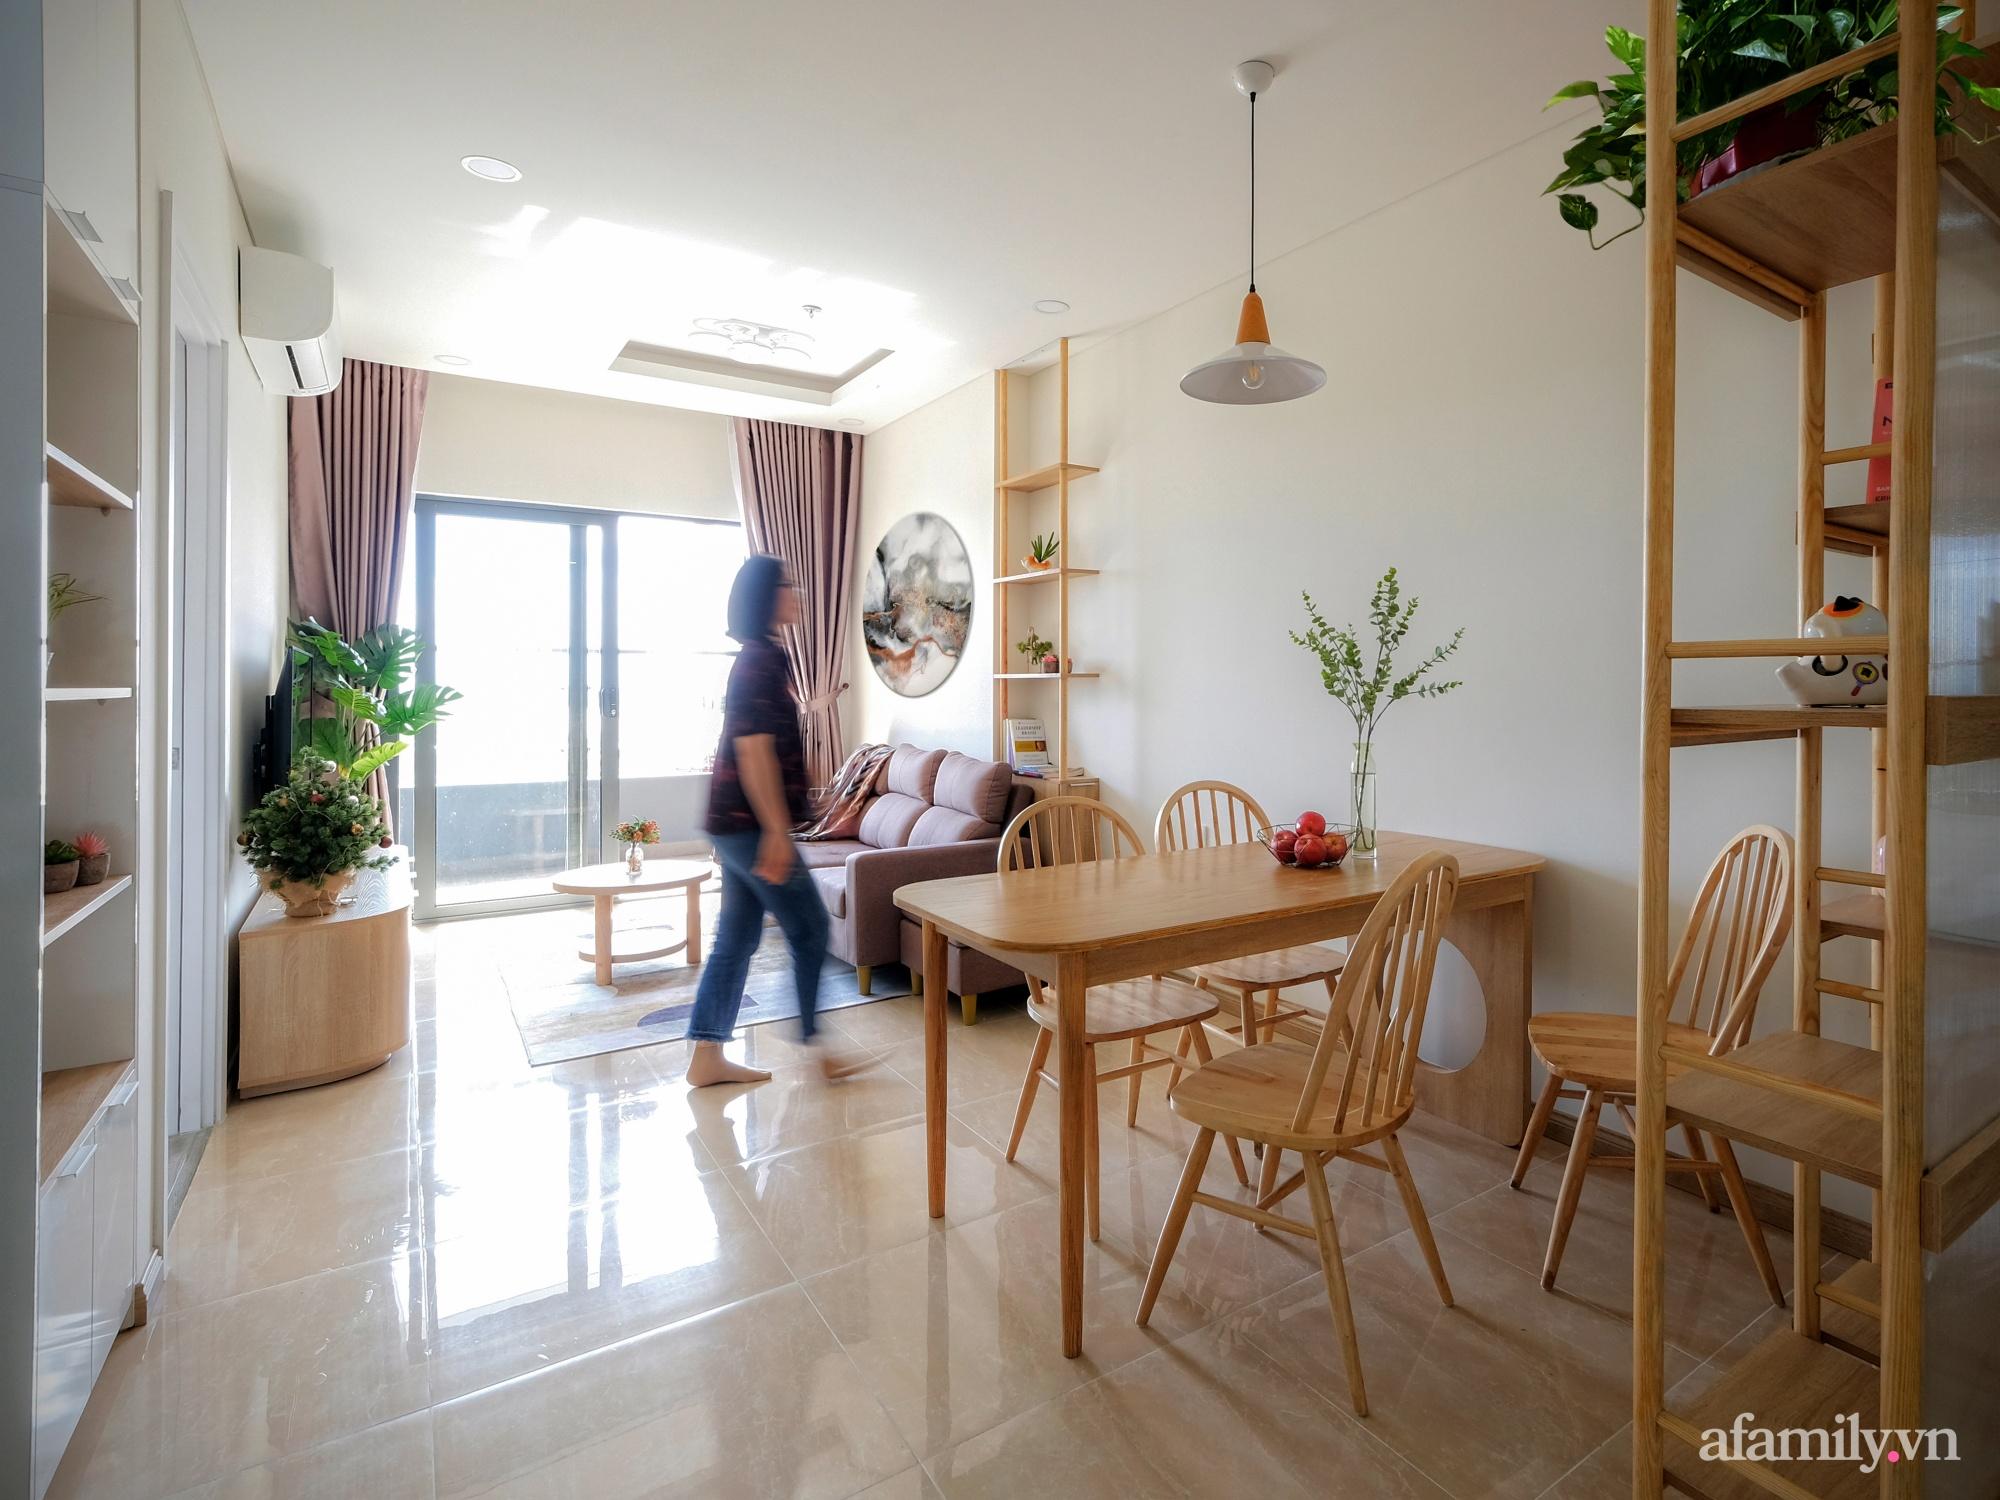 Căn hộ 75m² view sông Hàn đắt giá nhưng được thiết kế nội thất bình dị, ấm áp có chi phí 78 triệu đồng ở TP Đà Nẵng - Ảnh 4.